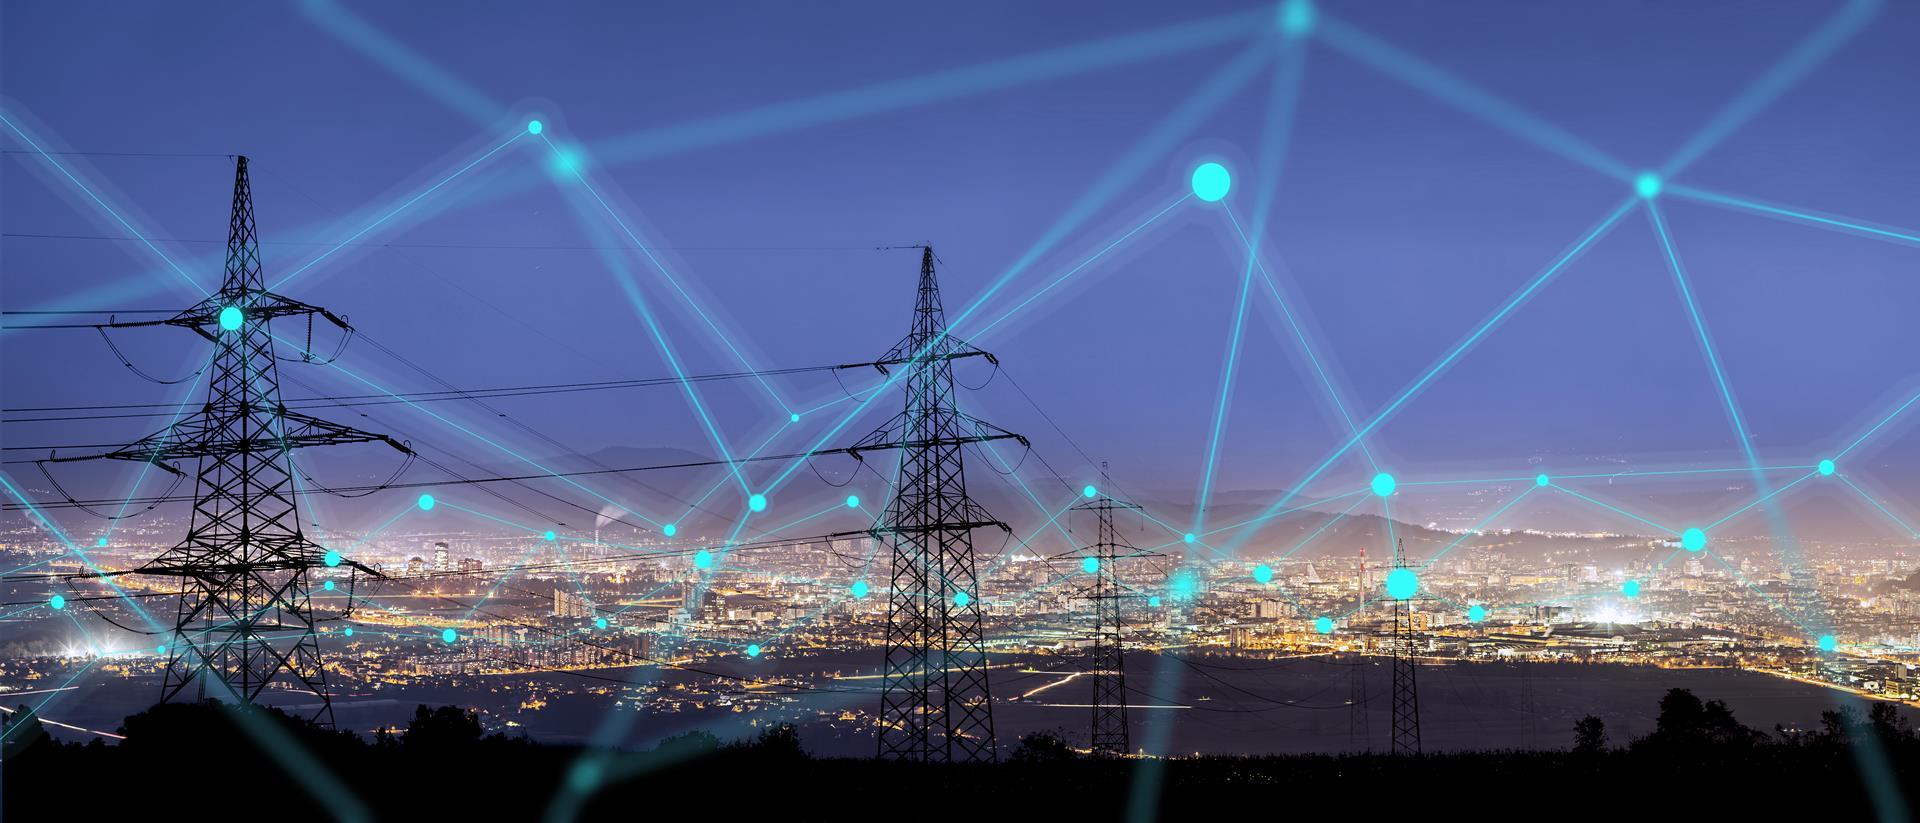 Sąd uznał podwyżkę ceny energii za bezprawną i nakazał zwrot środków na rzecz klienta